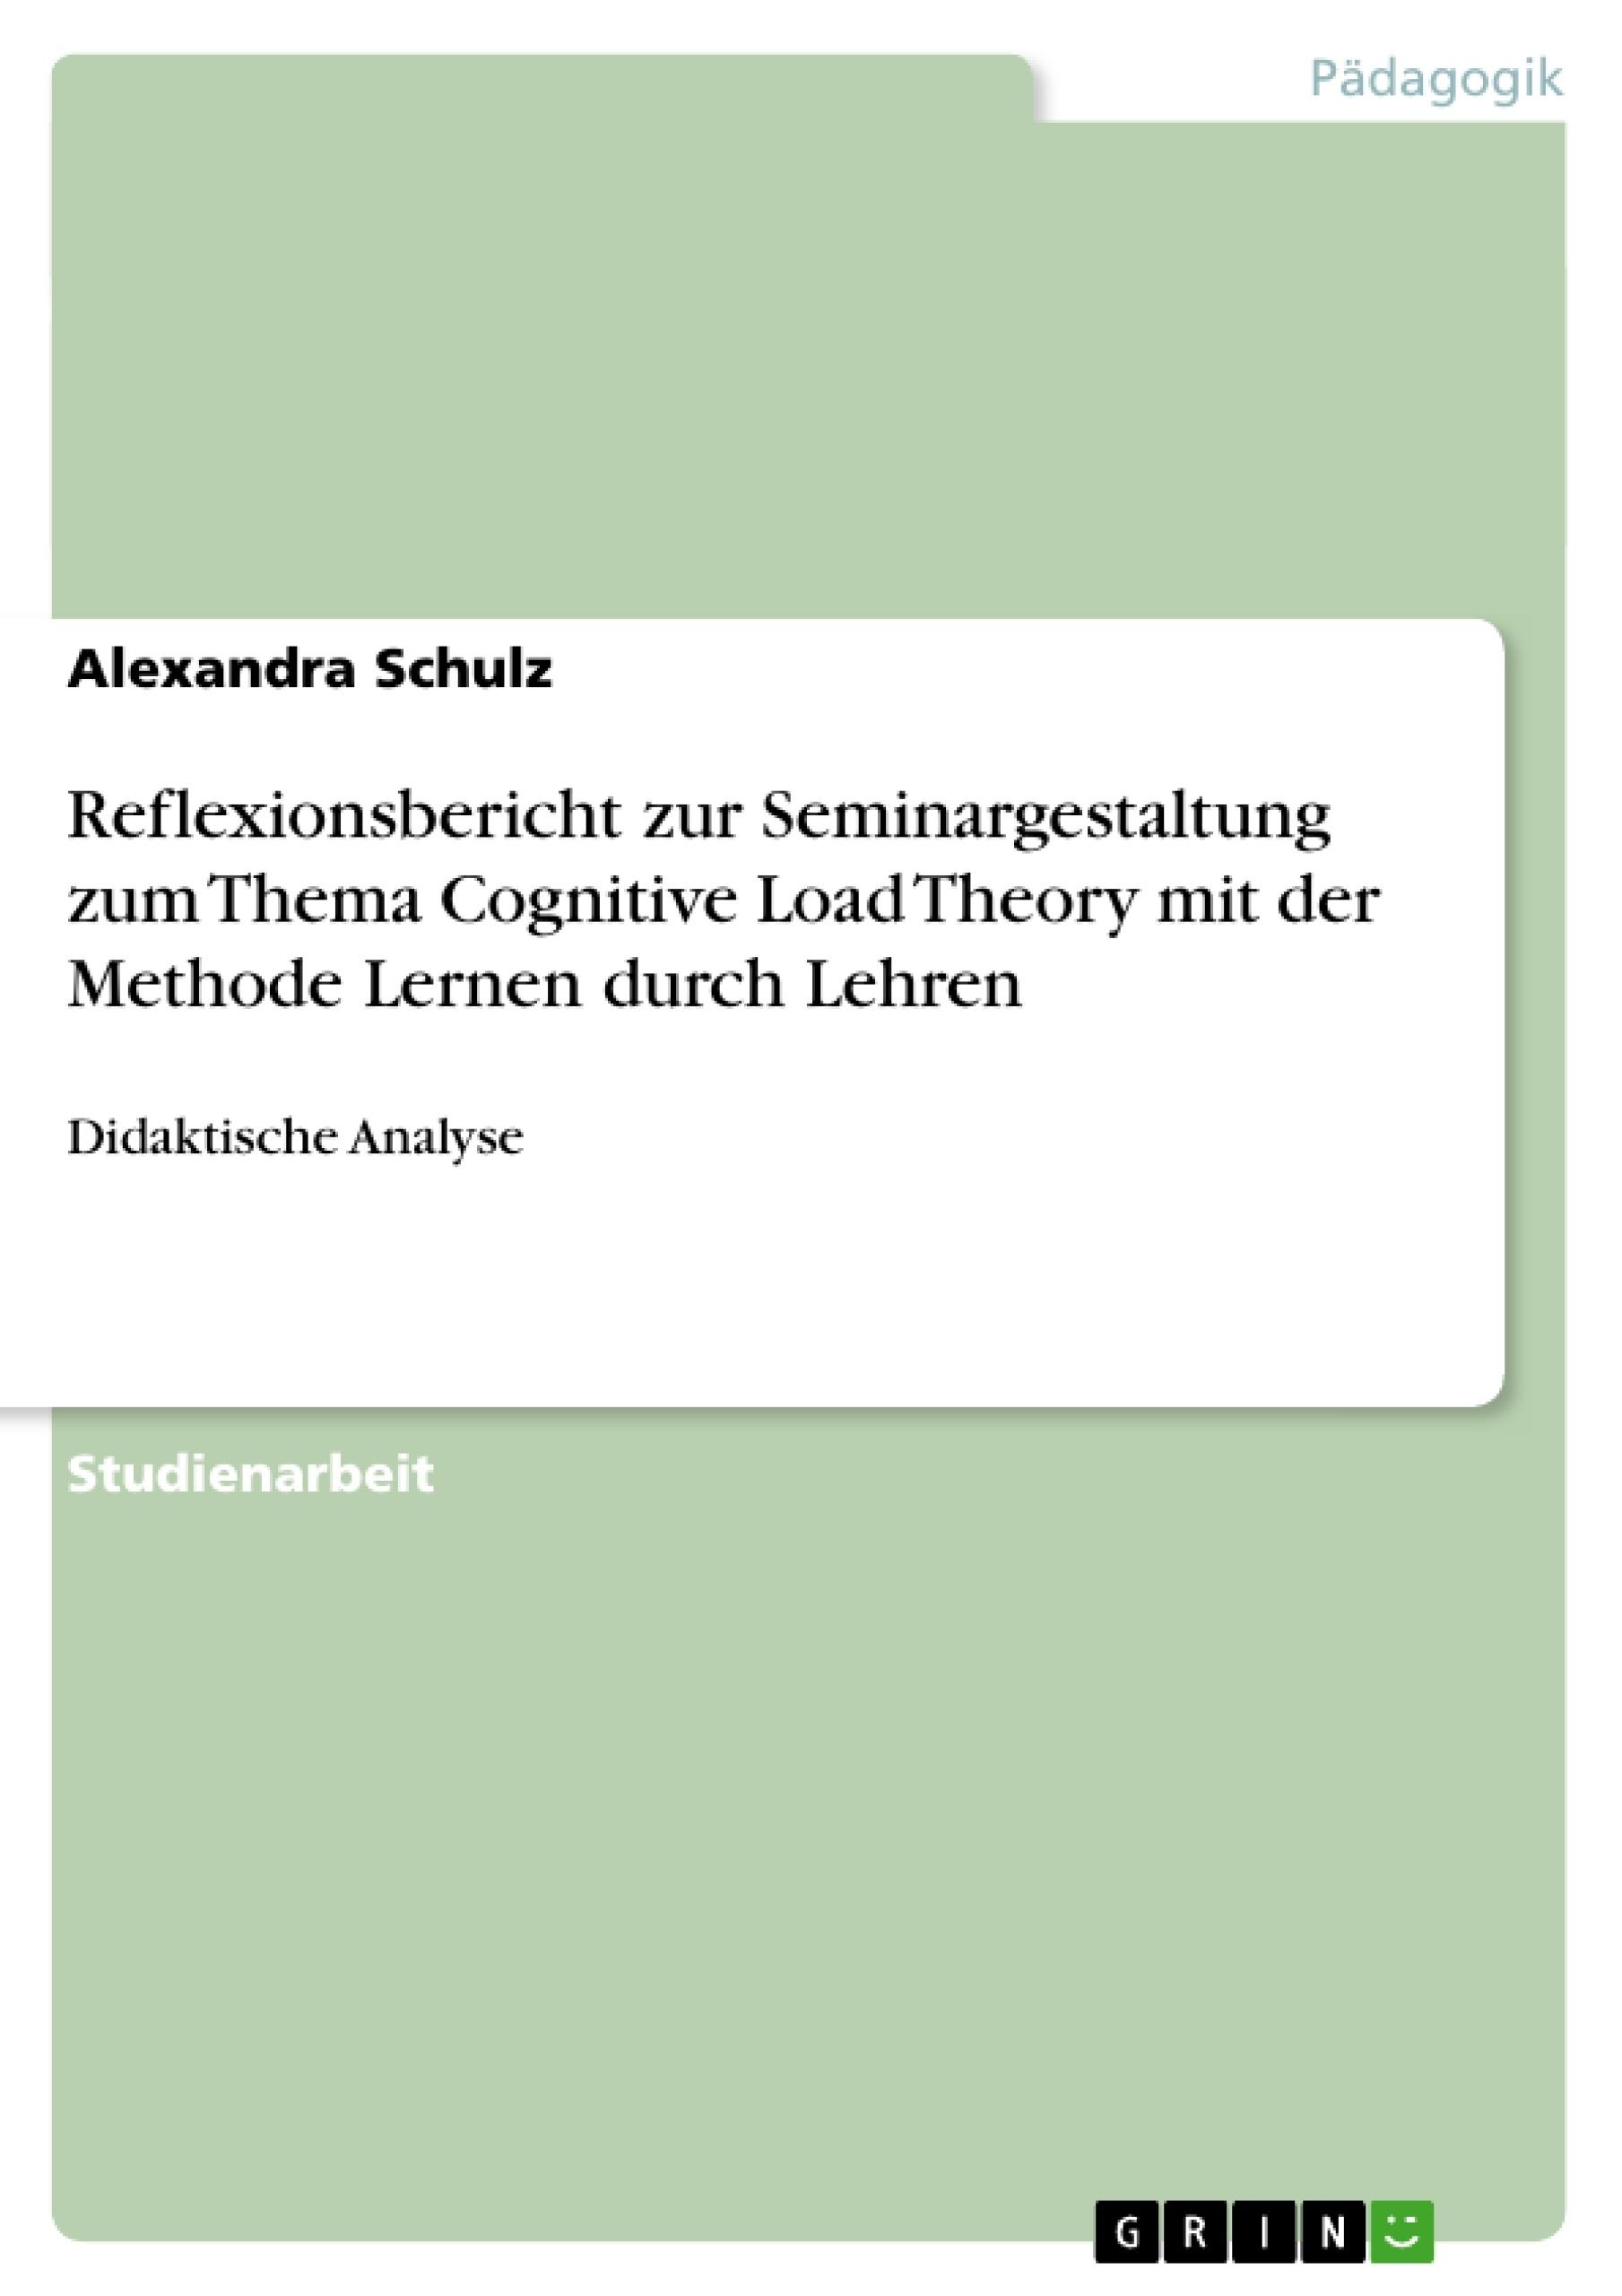 Titel: Reflexionsbericht zur Seminargestaltung zum Thema Cognitive Load Theory mit der Methode Lernen durch Lehren